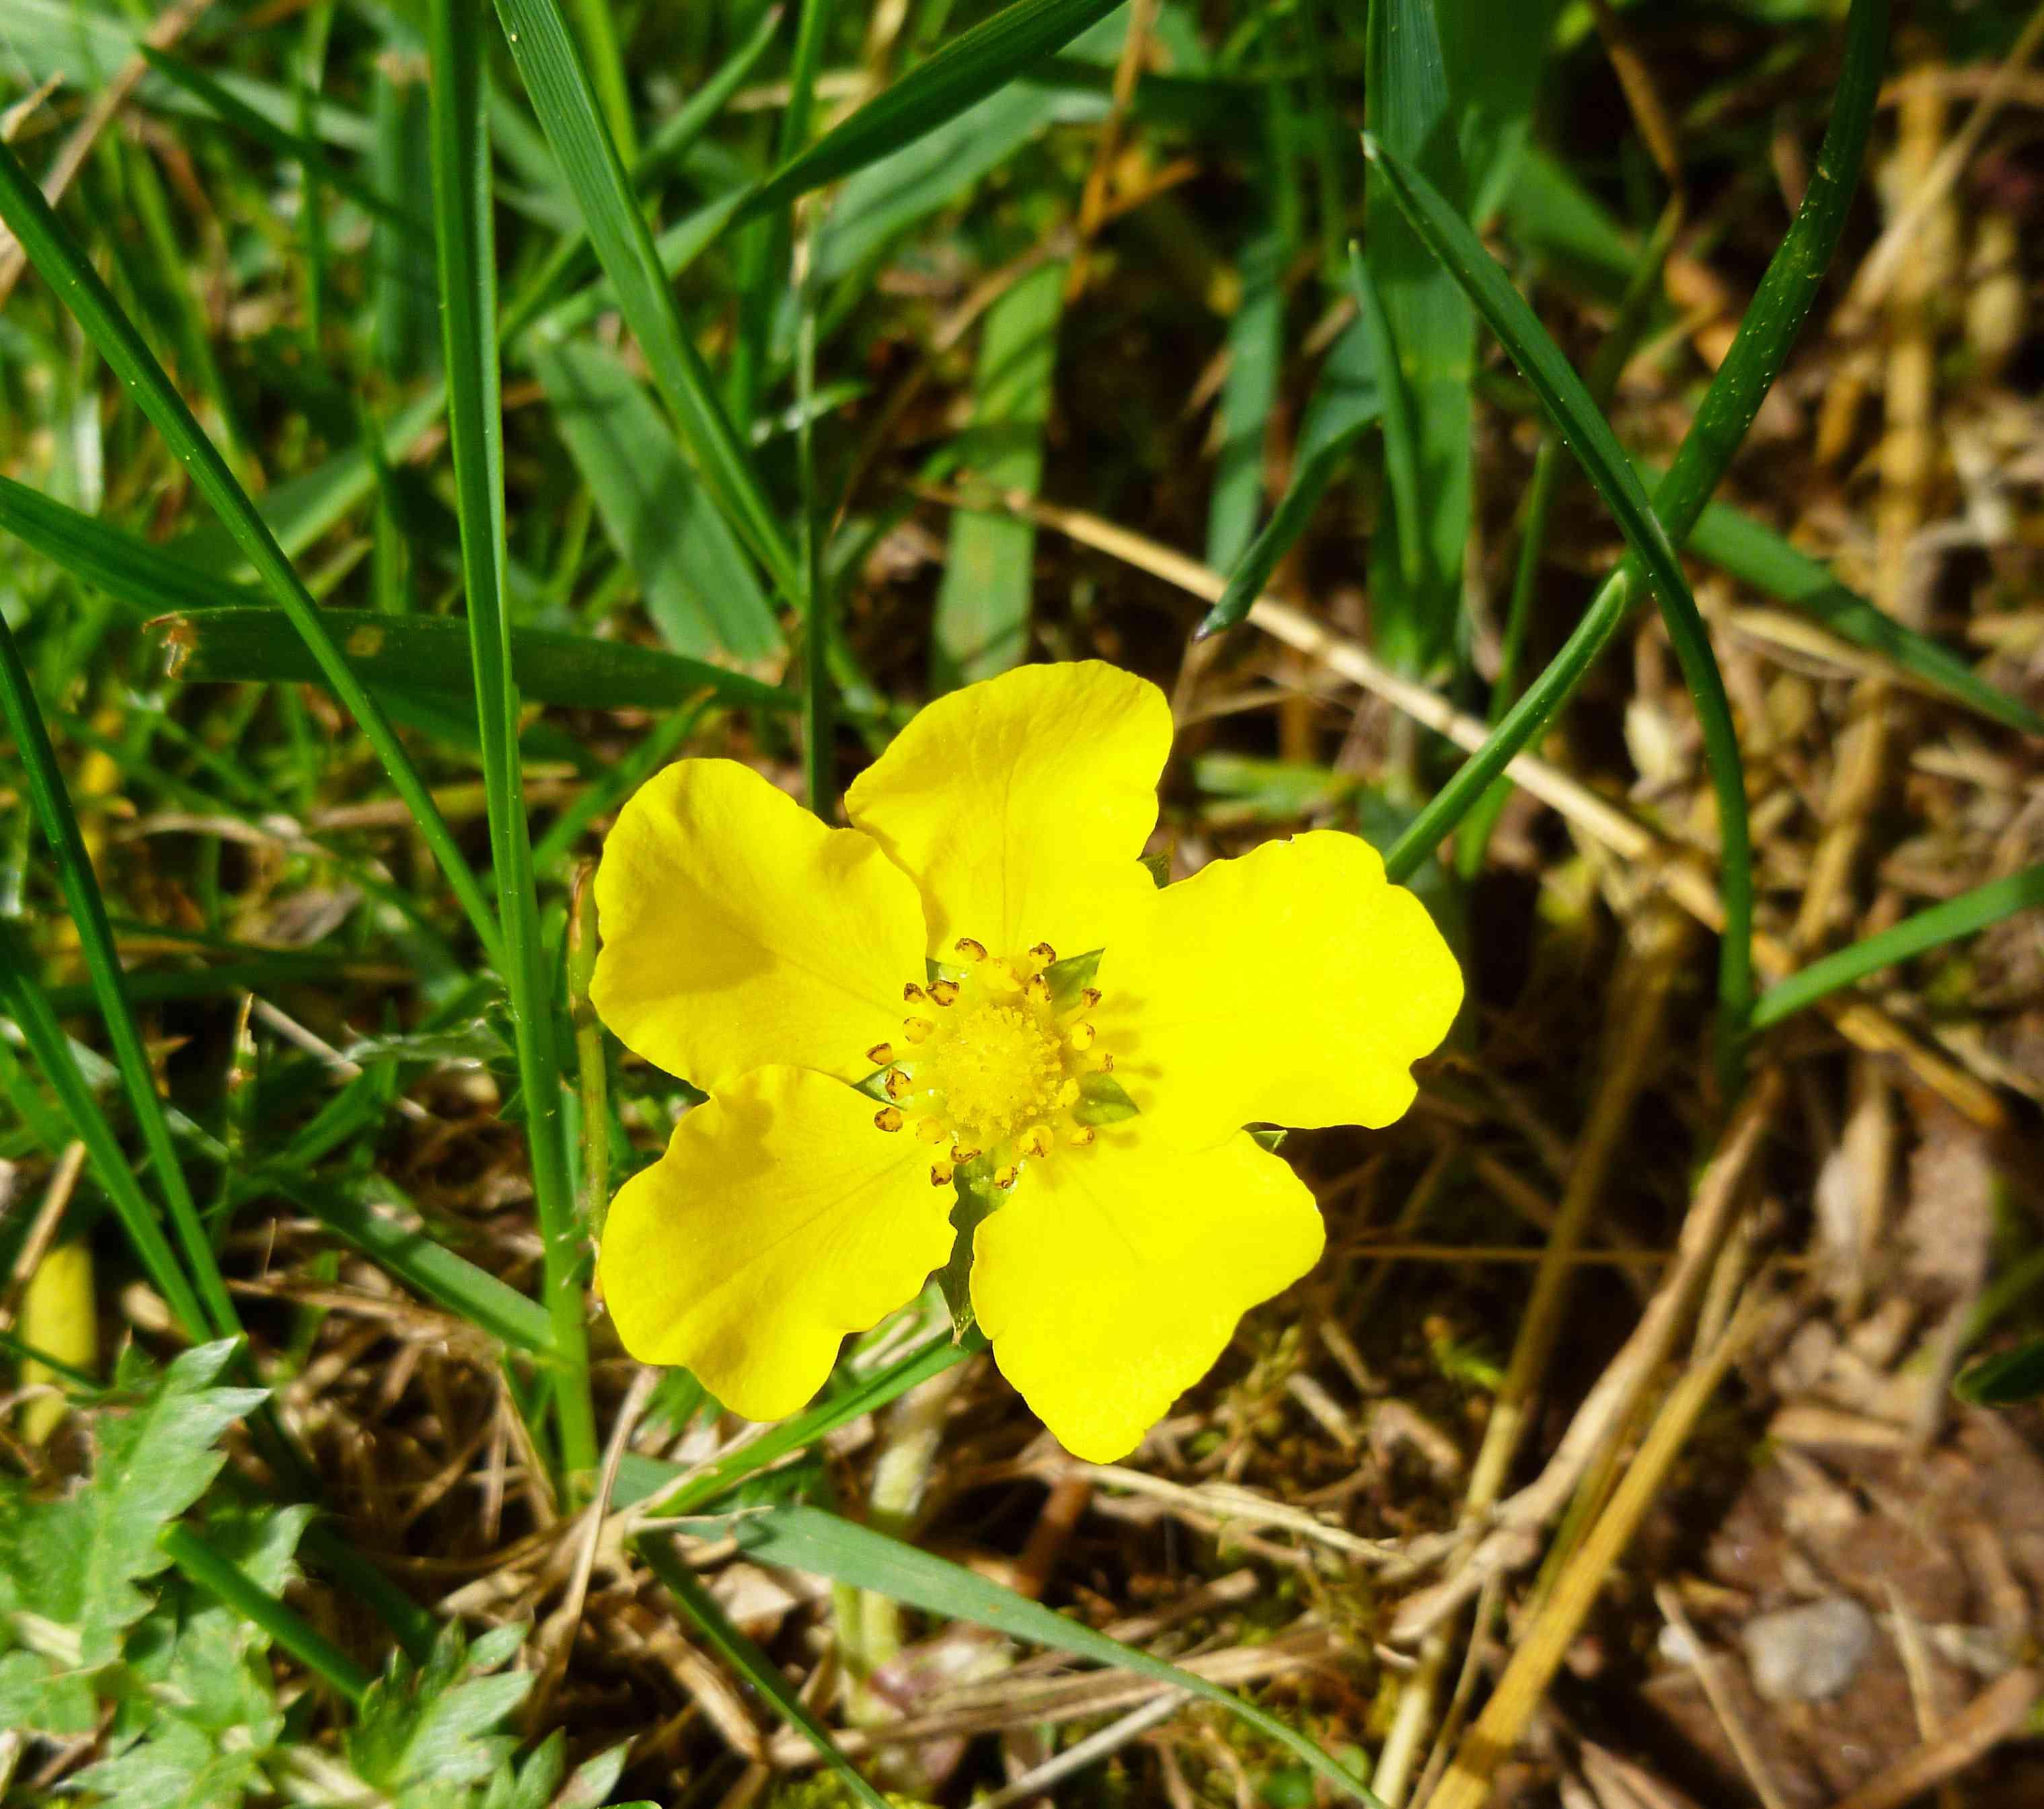 A buttercup in a field.